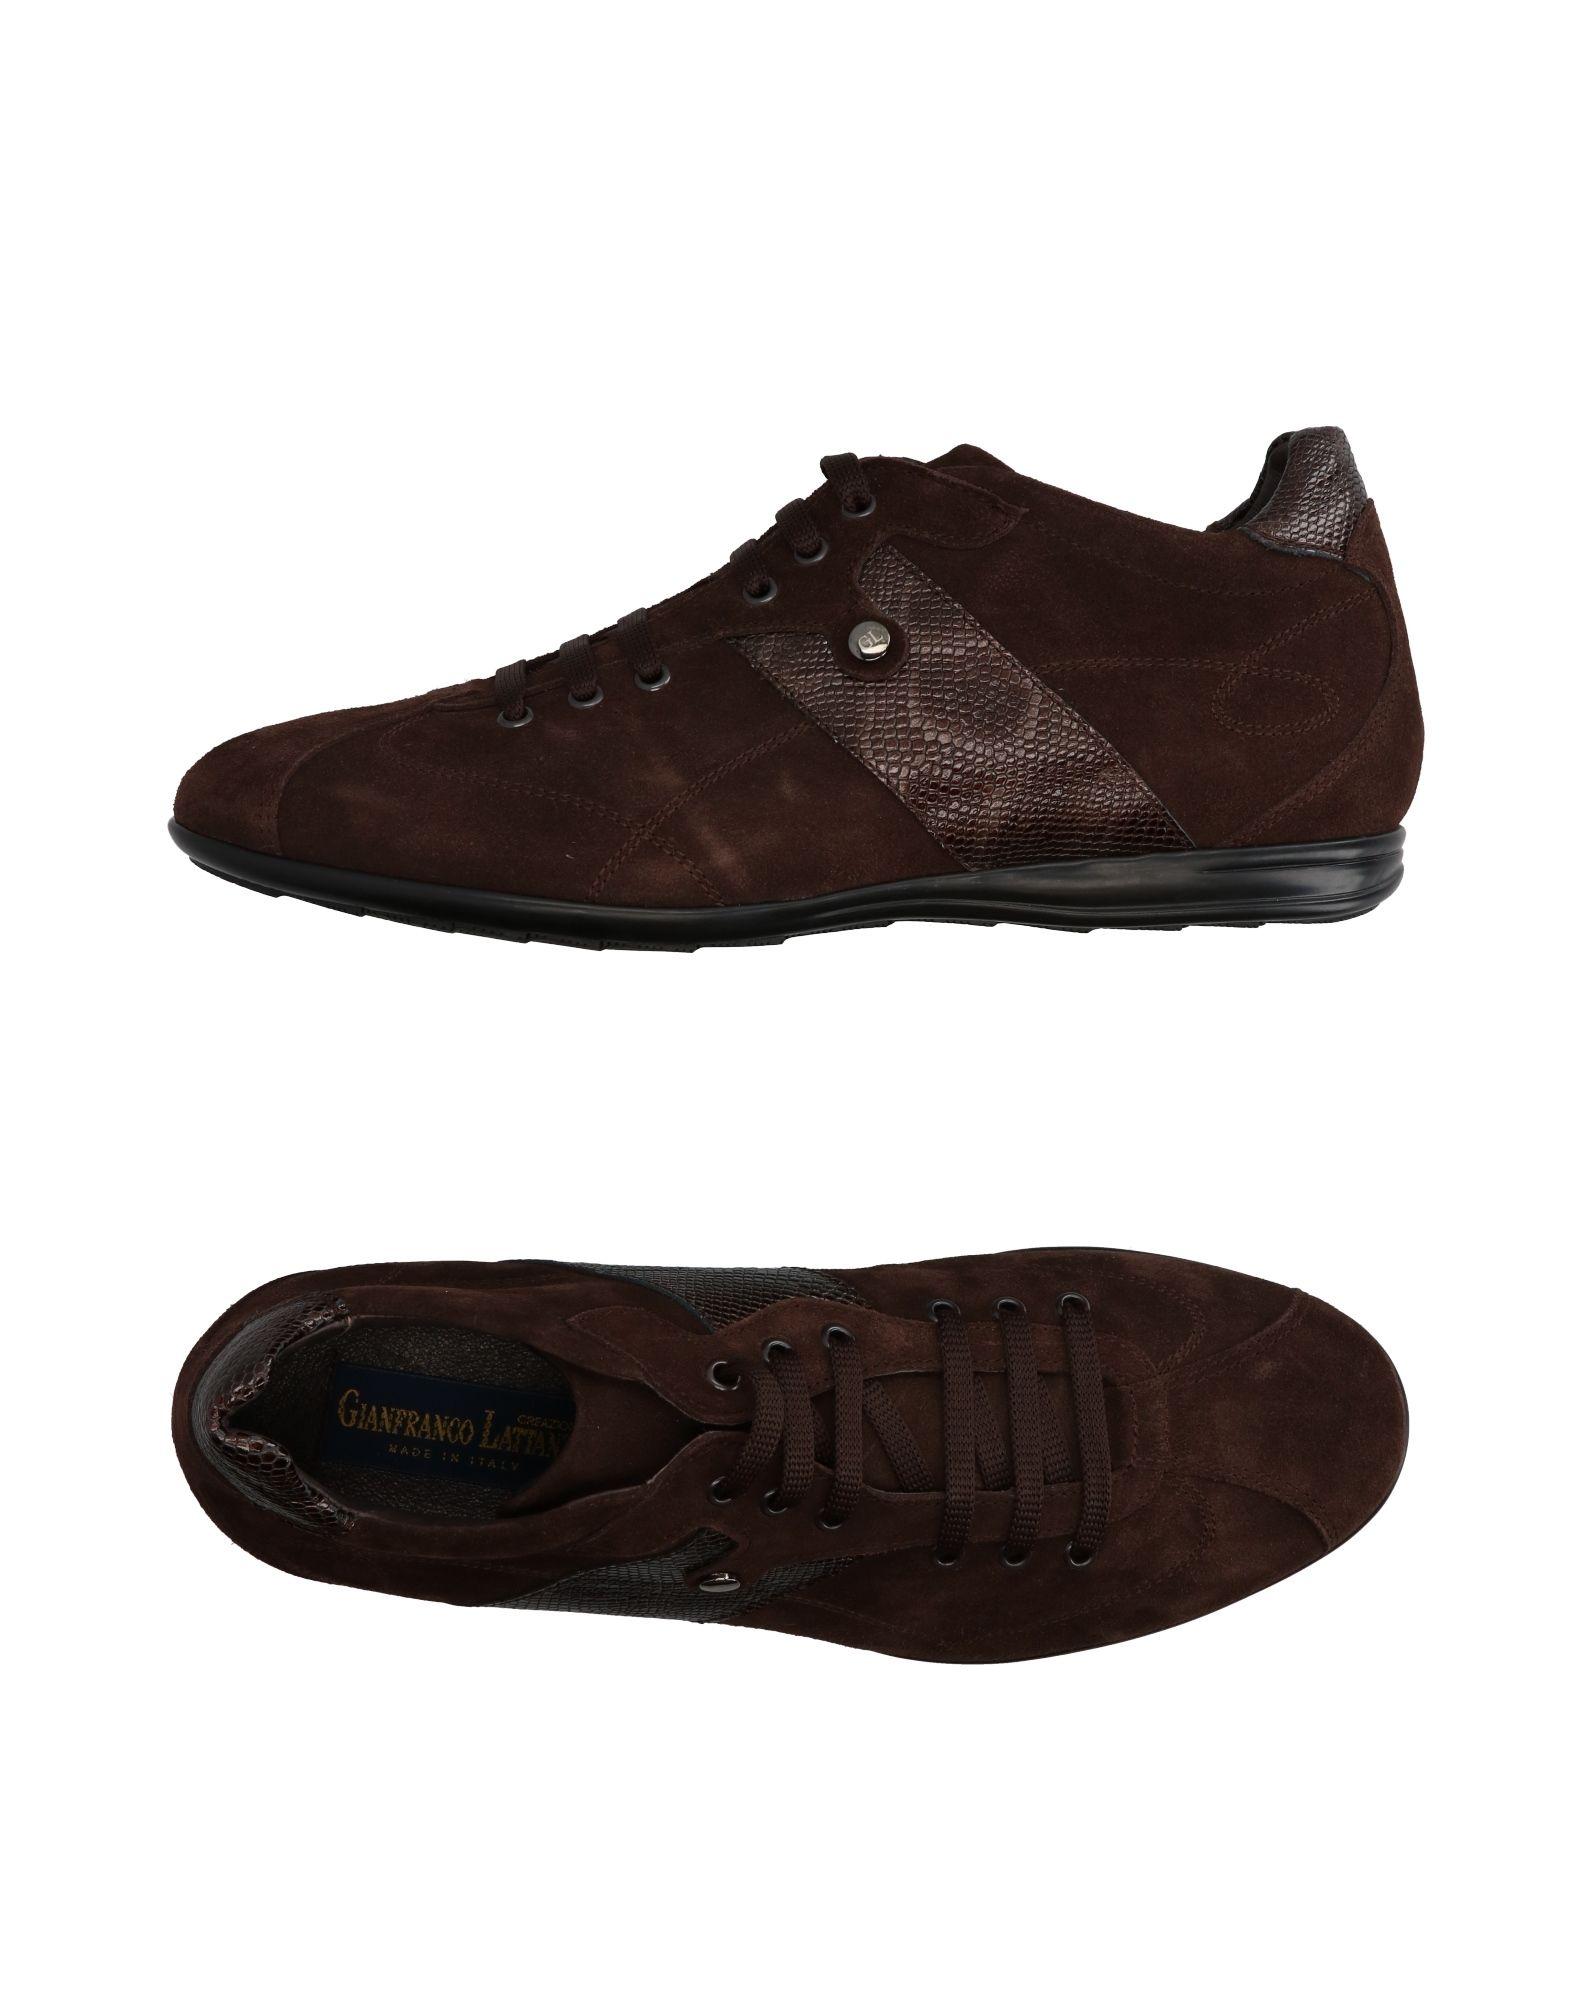 Sneakers Gianfranco Lattanzi Uomo Uomo Uomo - 11305682LE 890205